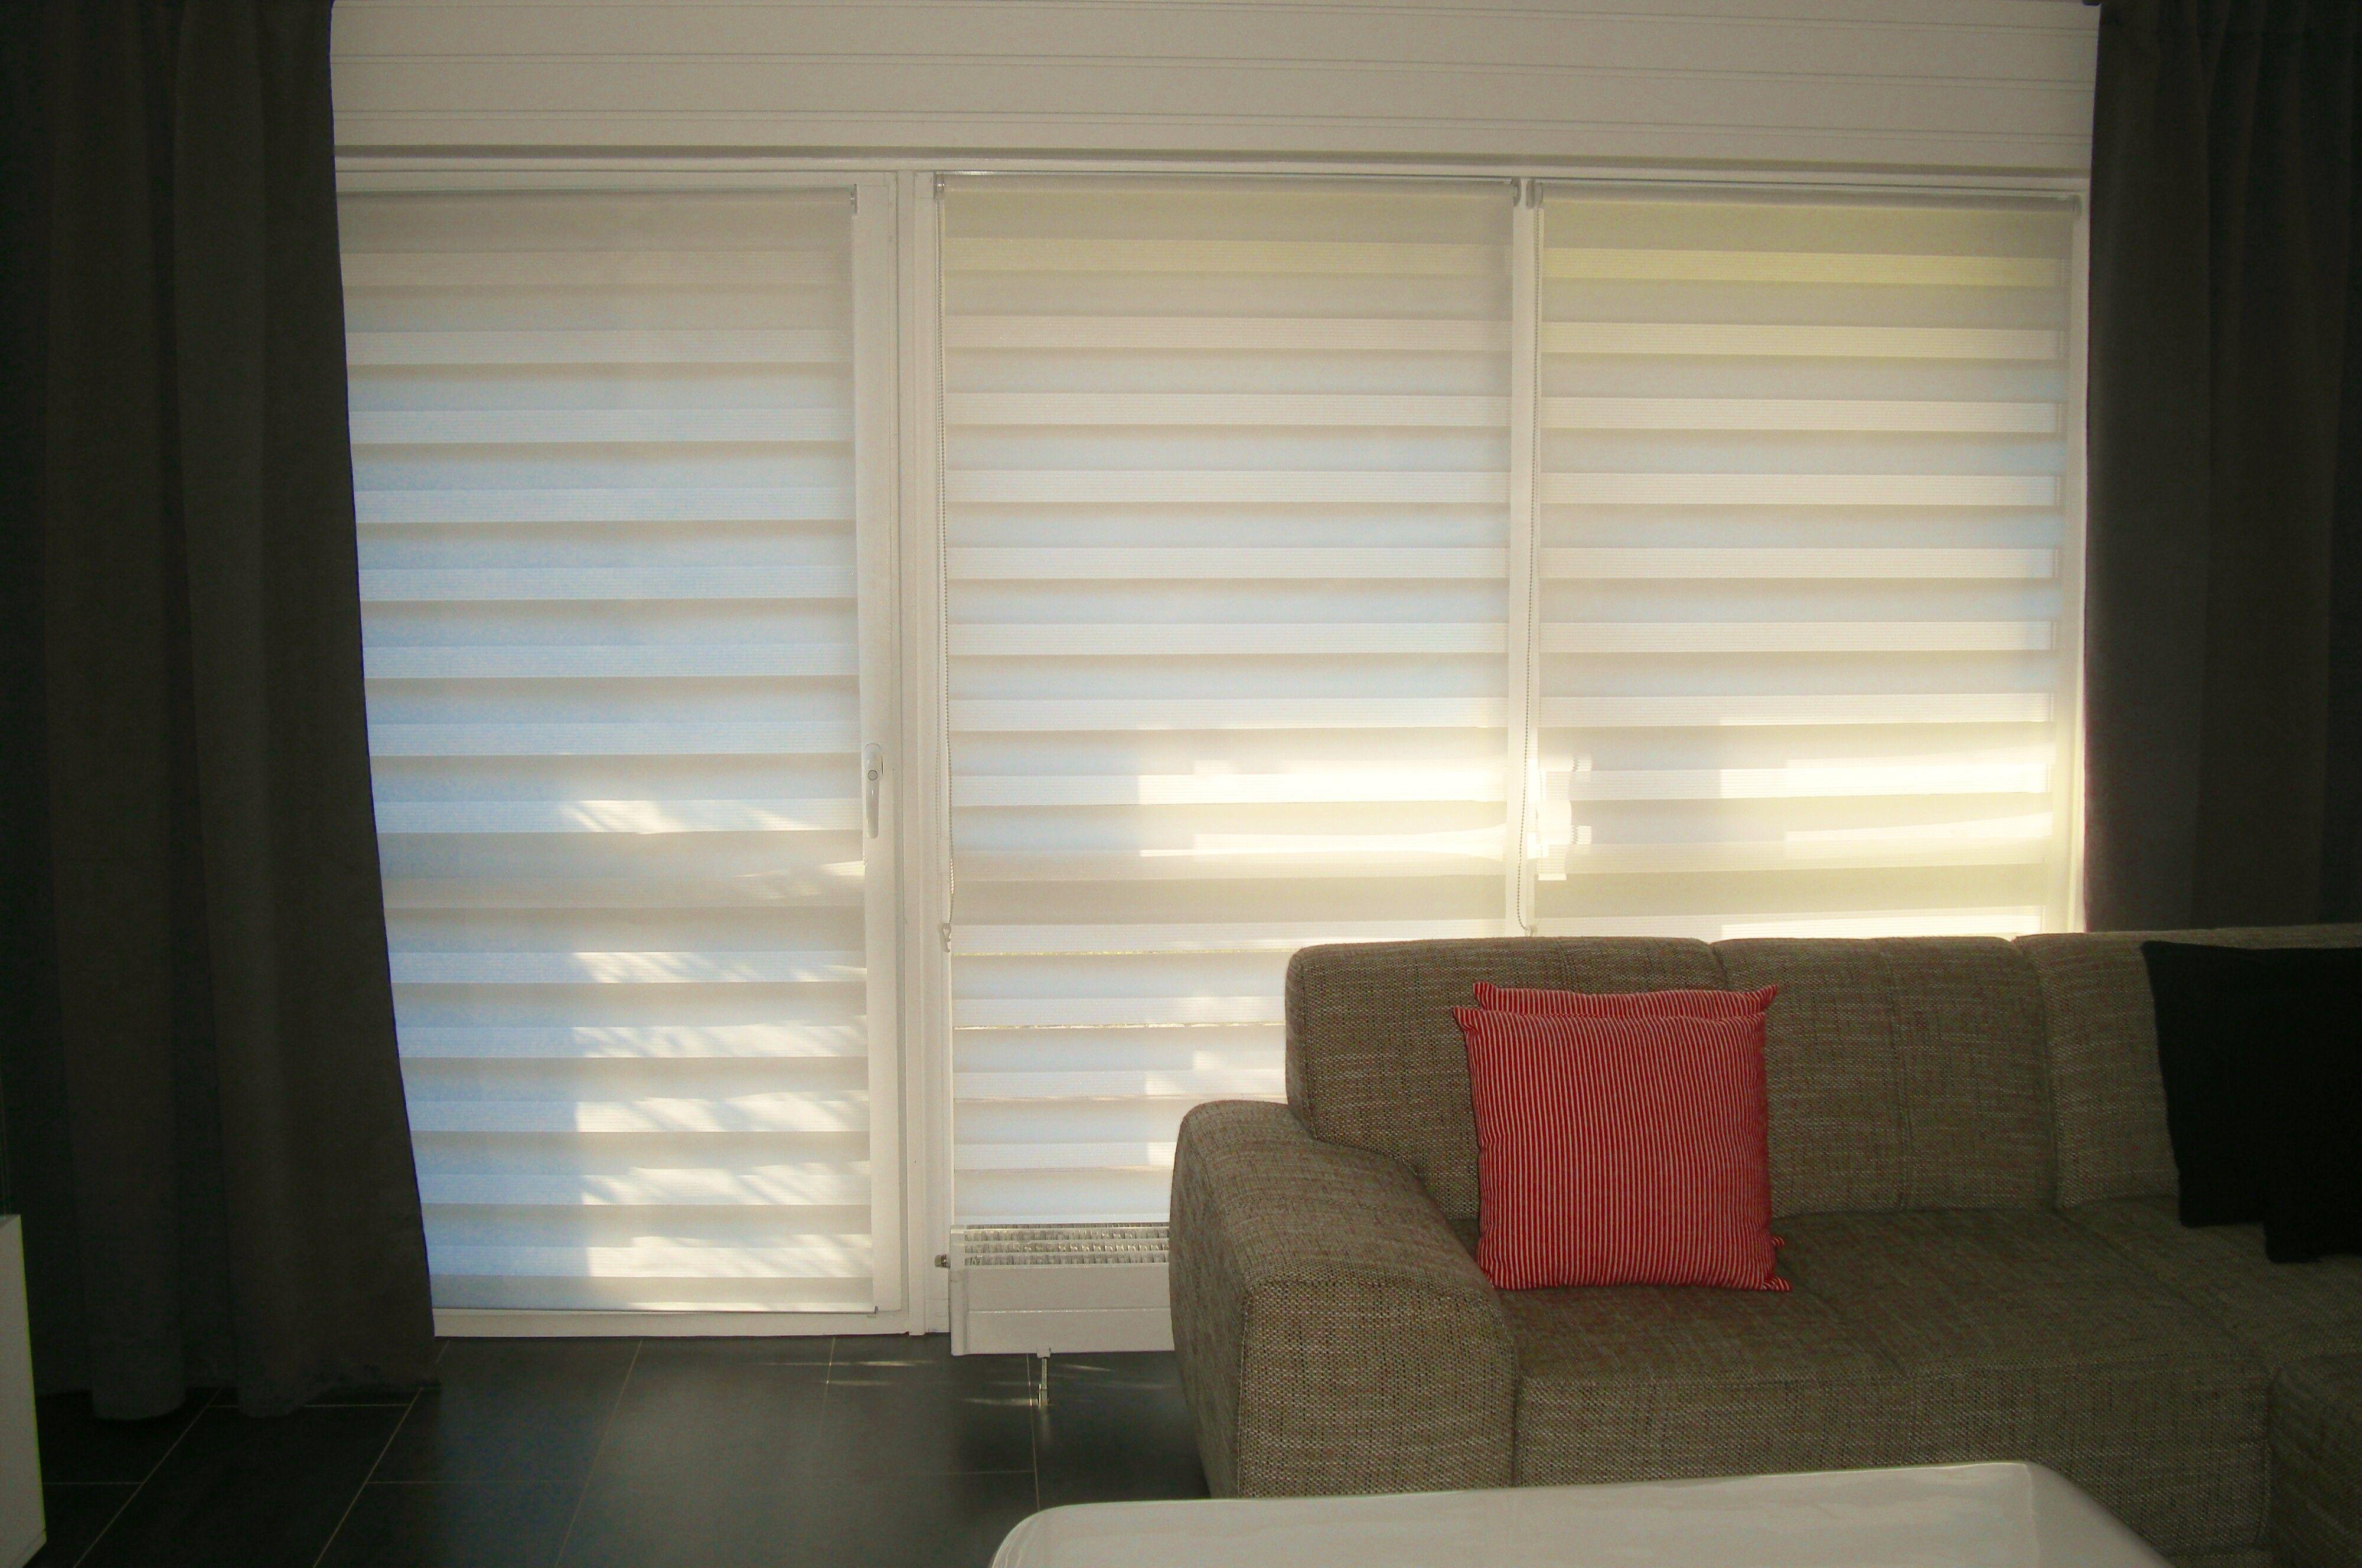 #rollo #wohnzimmer #couch #wohlfühlen Macht Euer Zuhause Schöner Mit  Unseren Rollos.